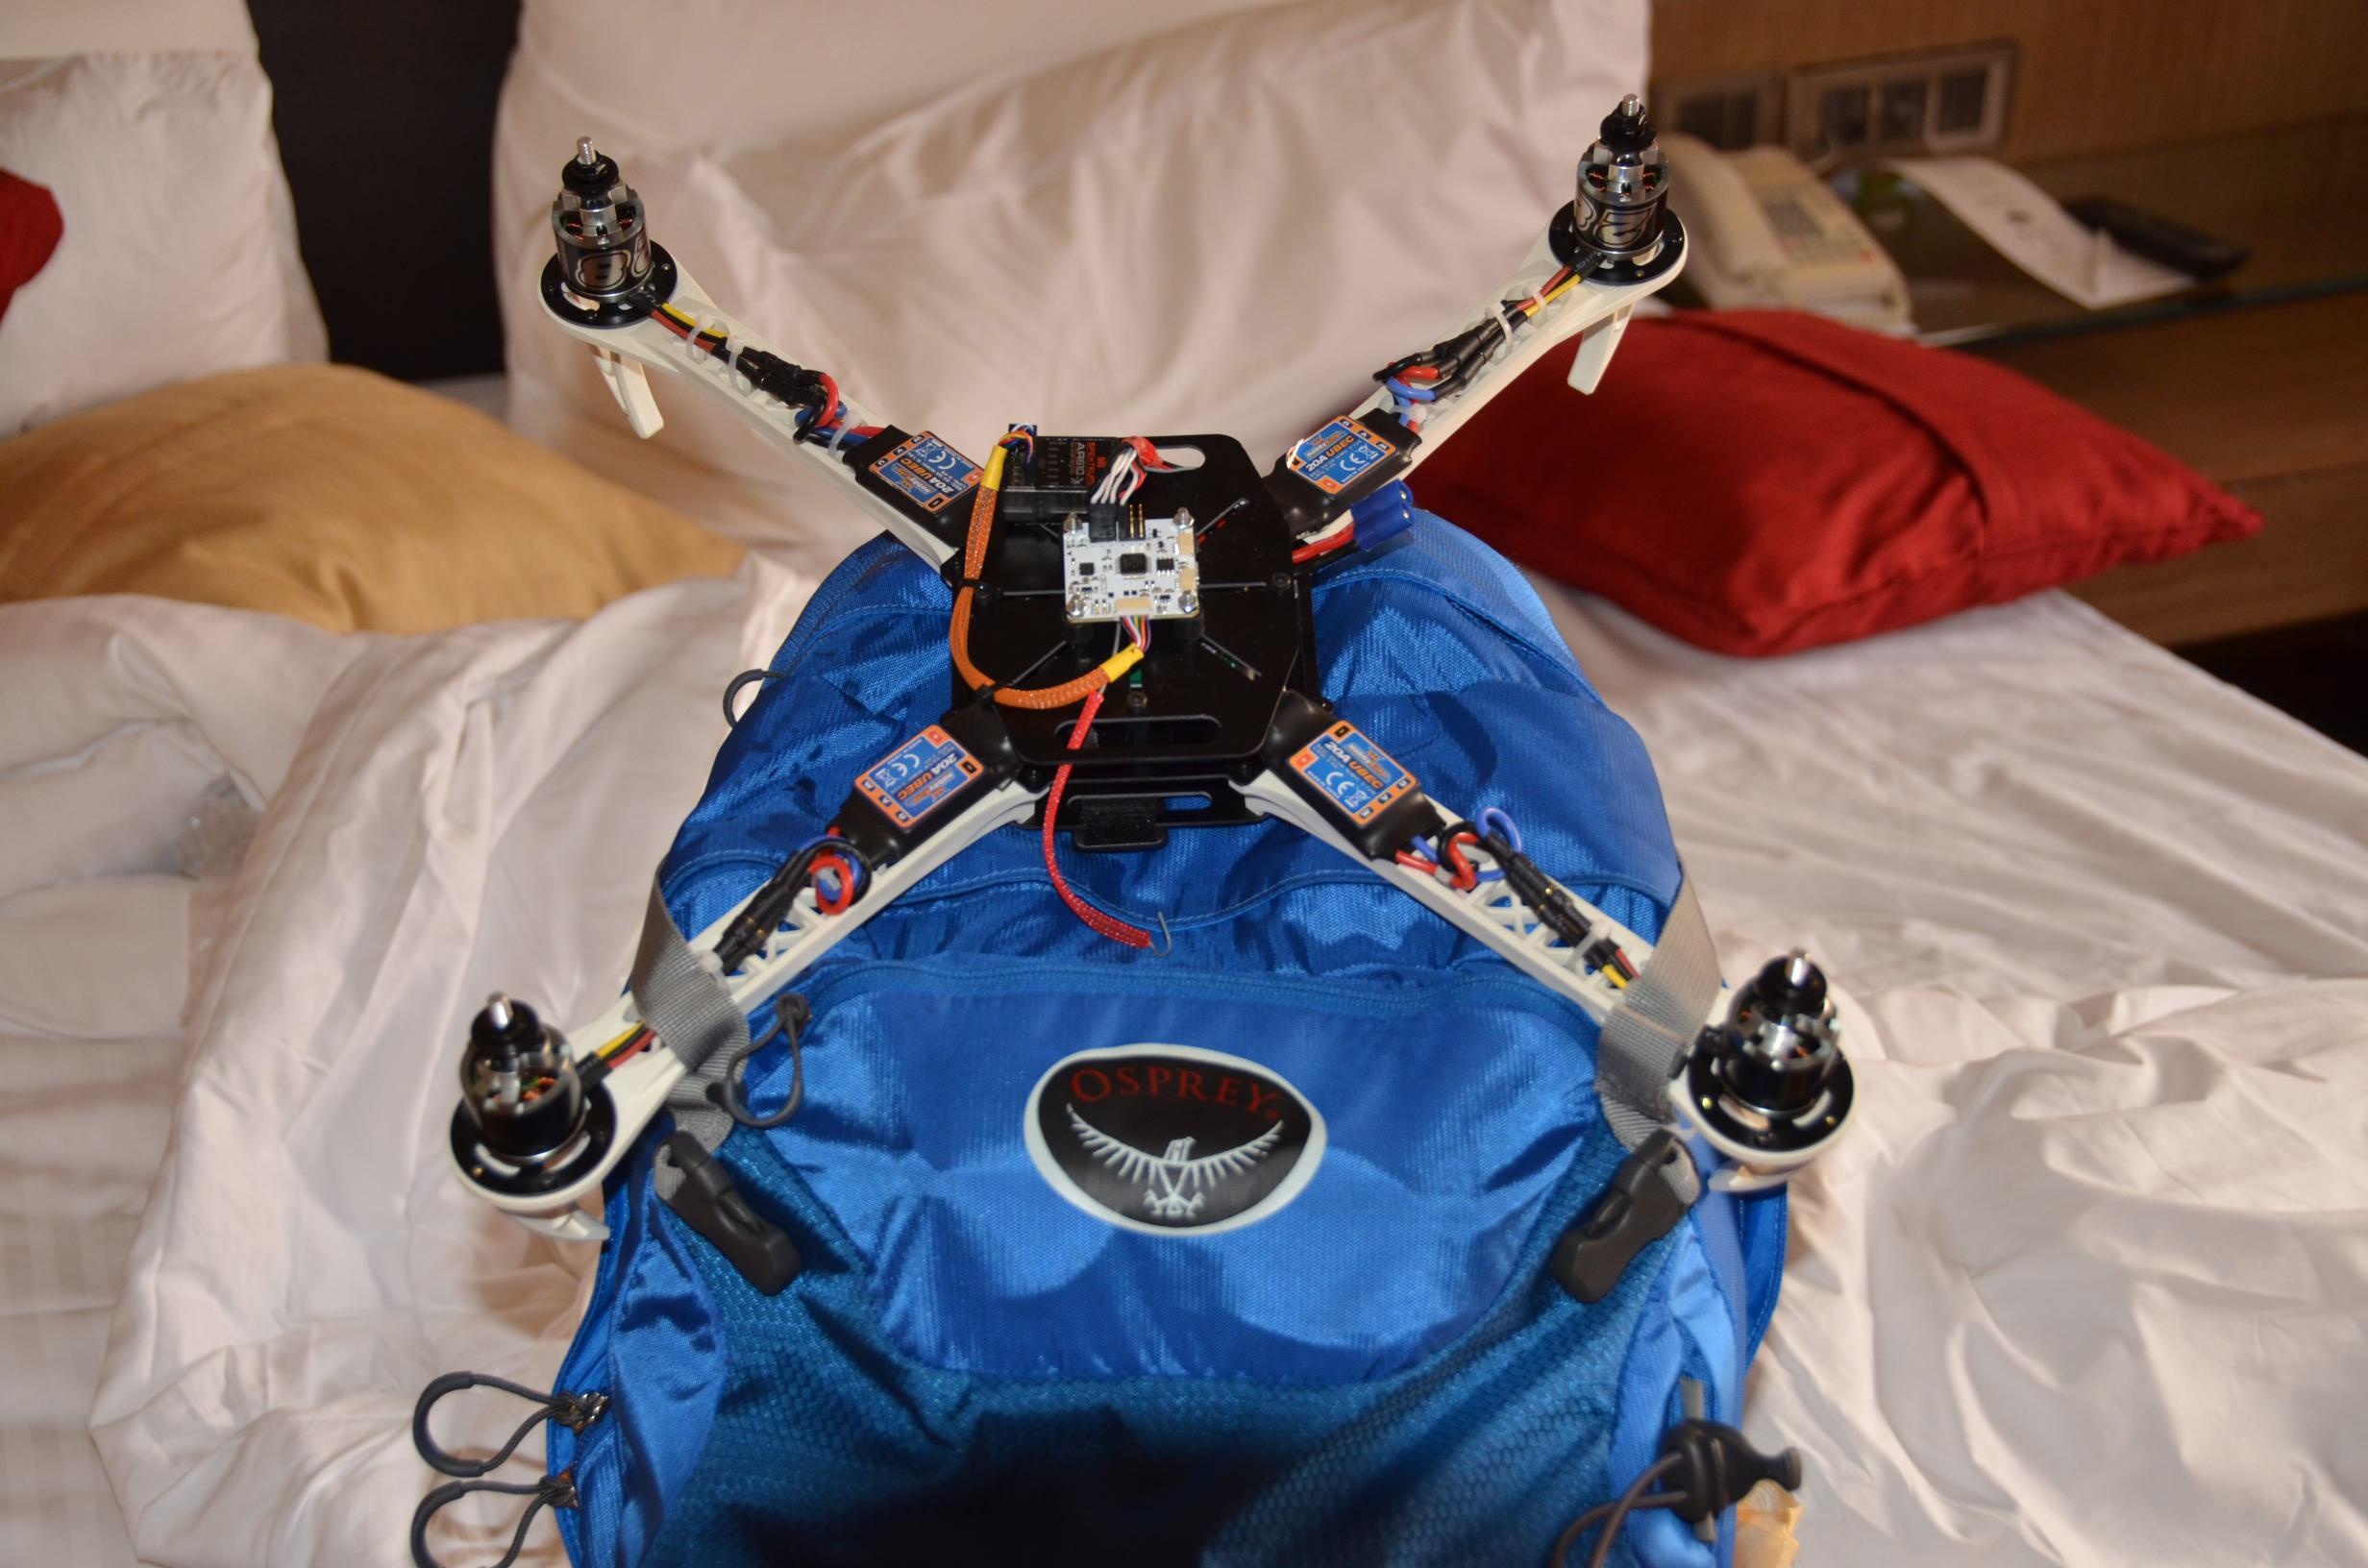 mck-3-21-15-garuda-on-backpack-DSC_1038.jpg